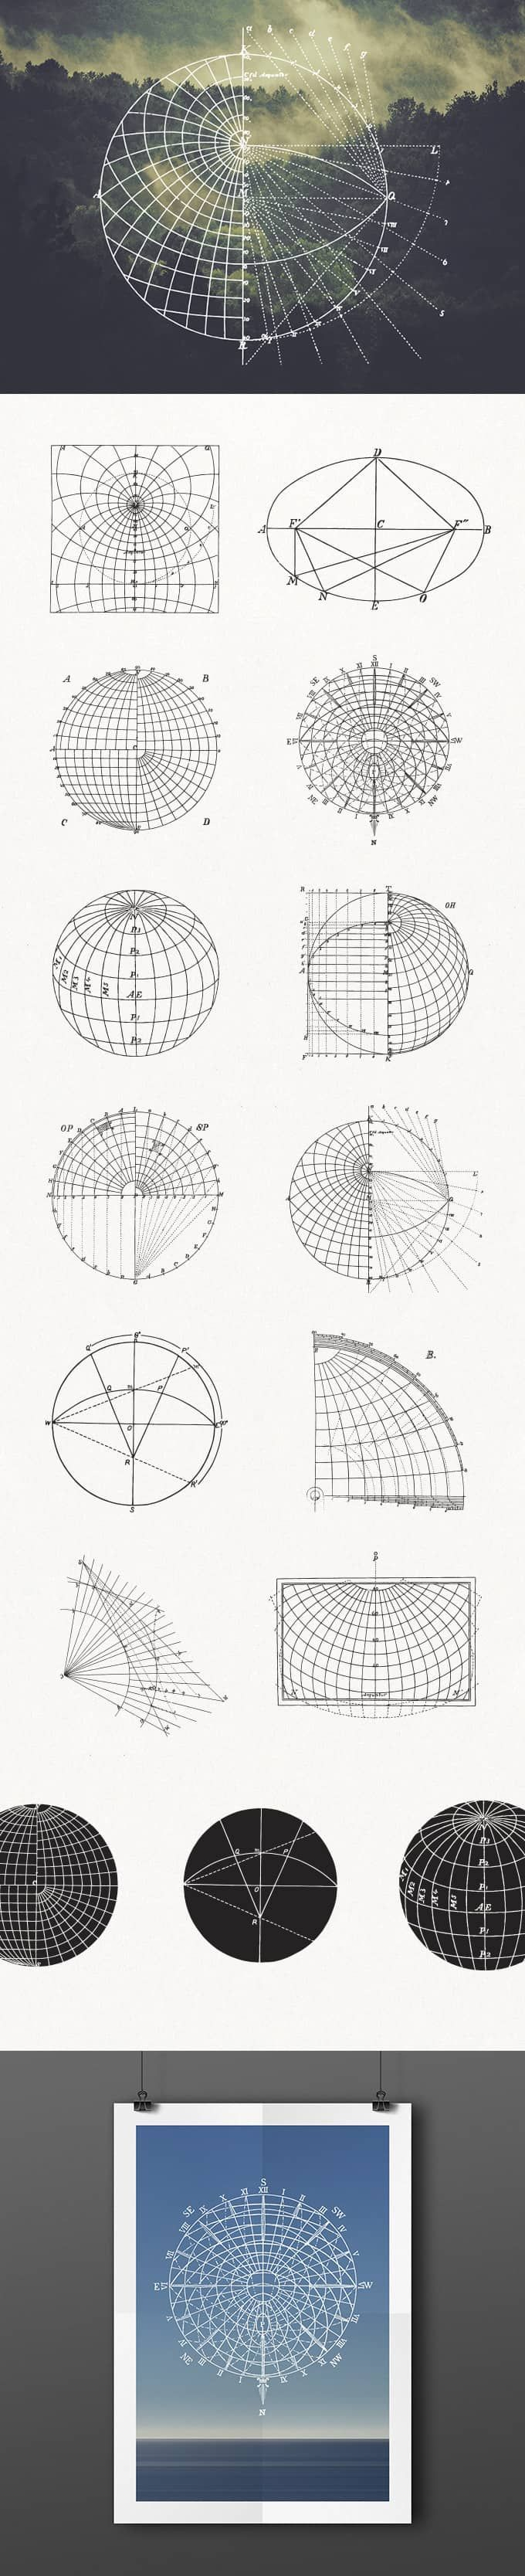 Ces 13 packs d'éléments vectoriels thématiques viendront enrichir vos ressources graphiques : monogrammes, formes géométriques complexes, éléments marins ...